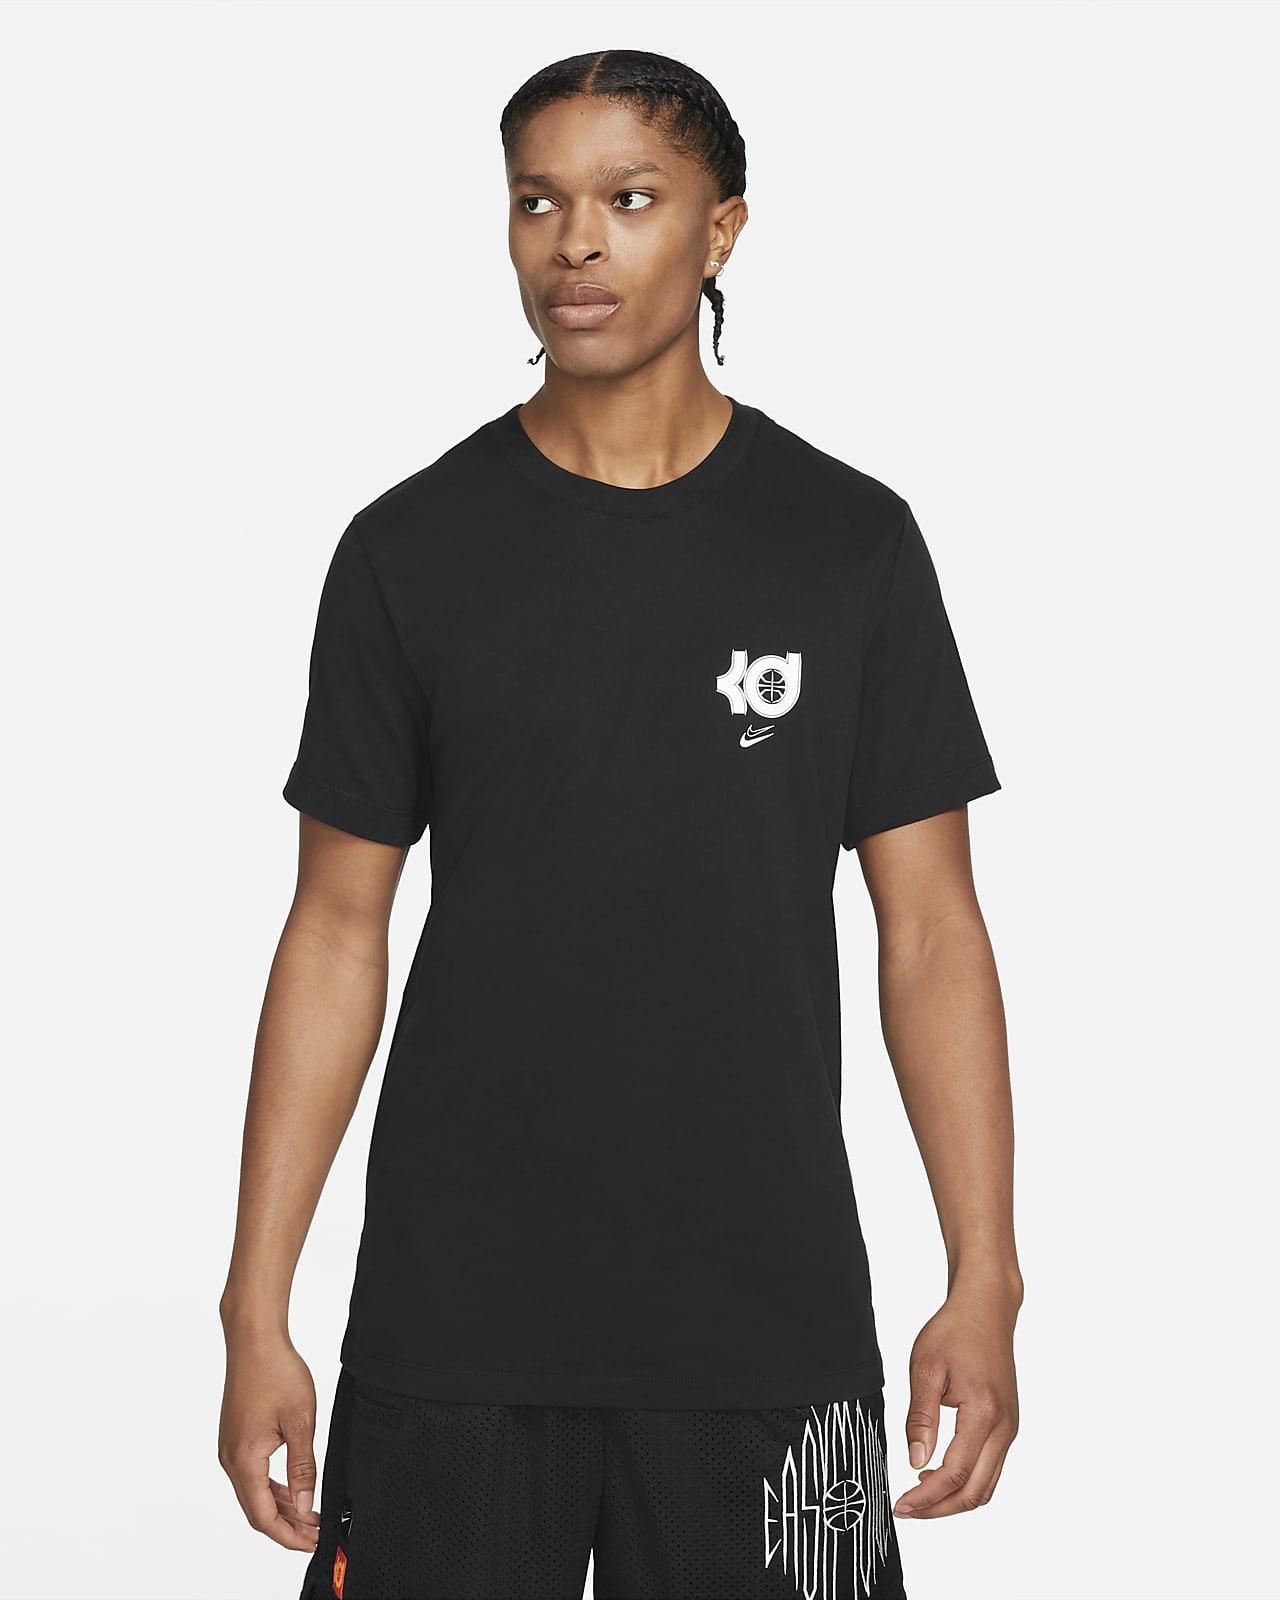 Nike Dri-FIT KD Logo férfi kosárlabdás póló